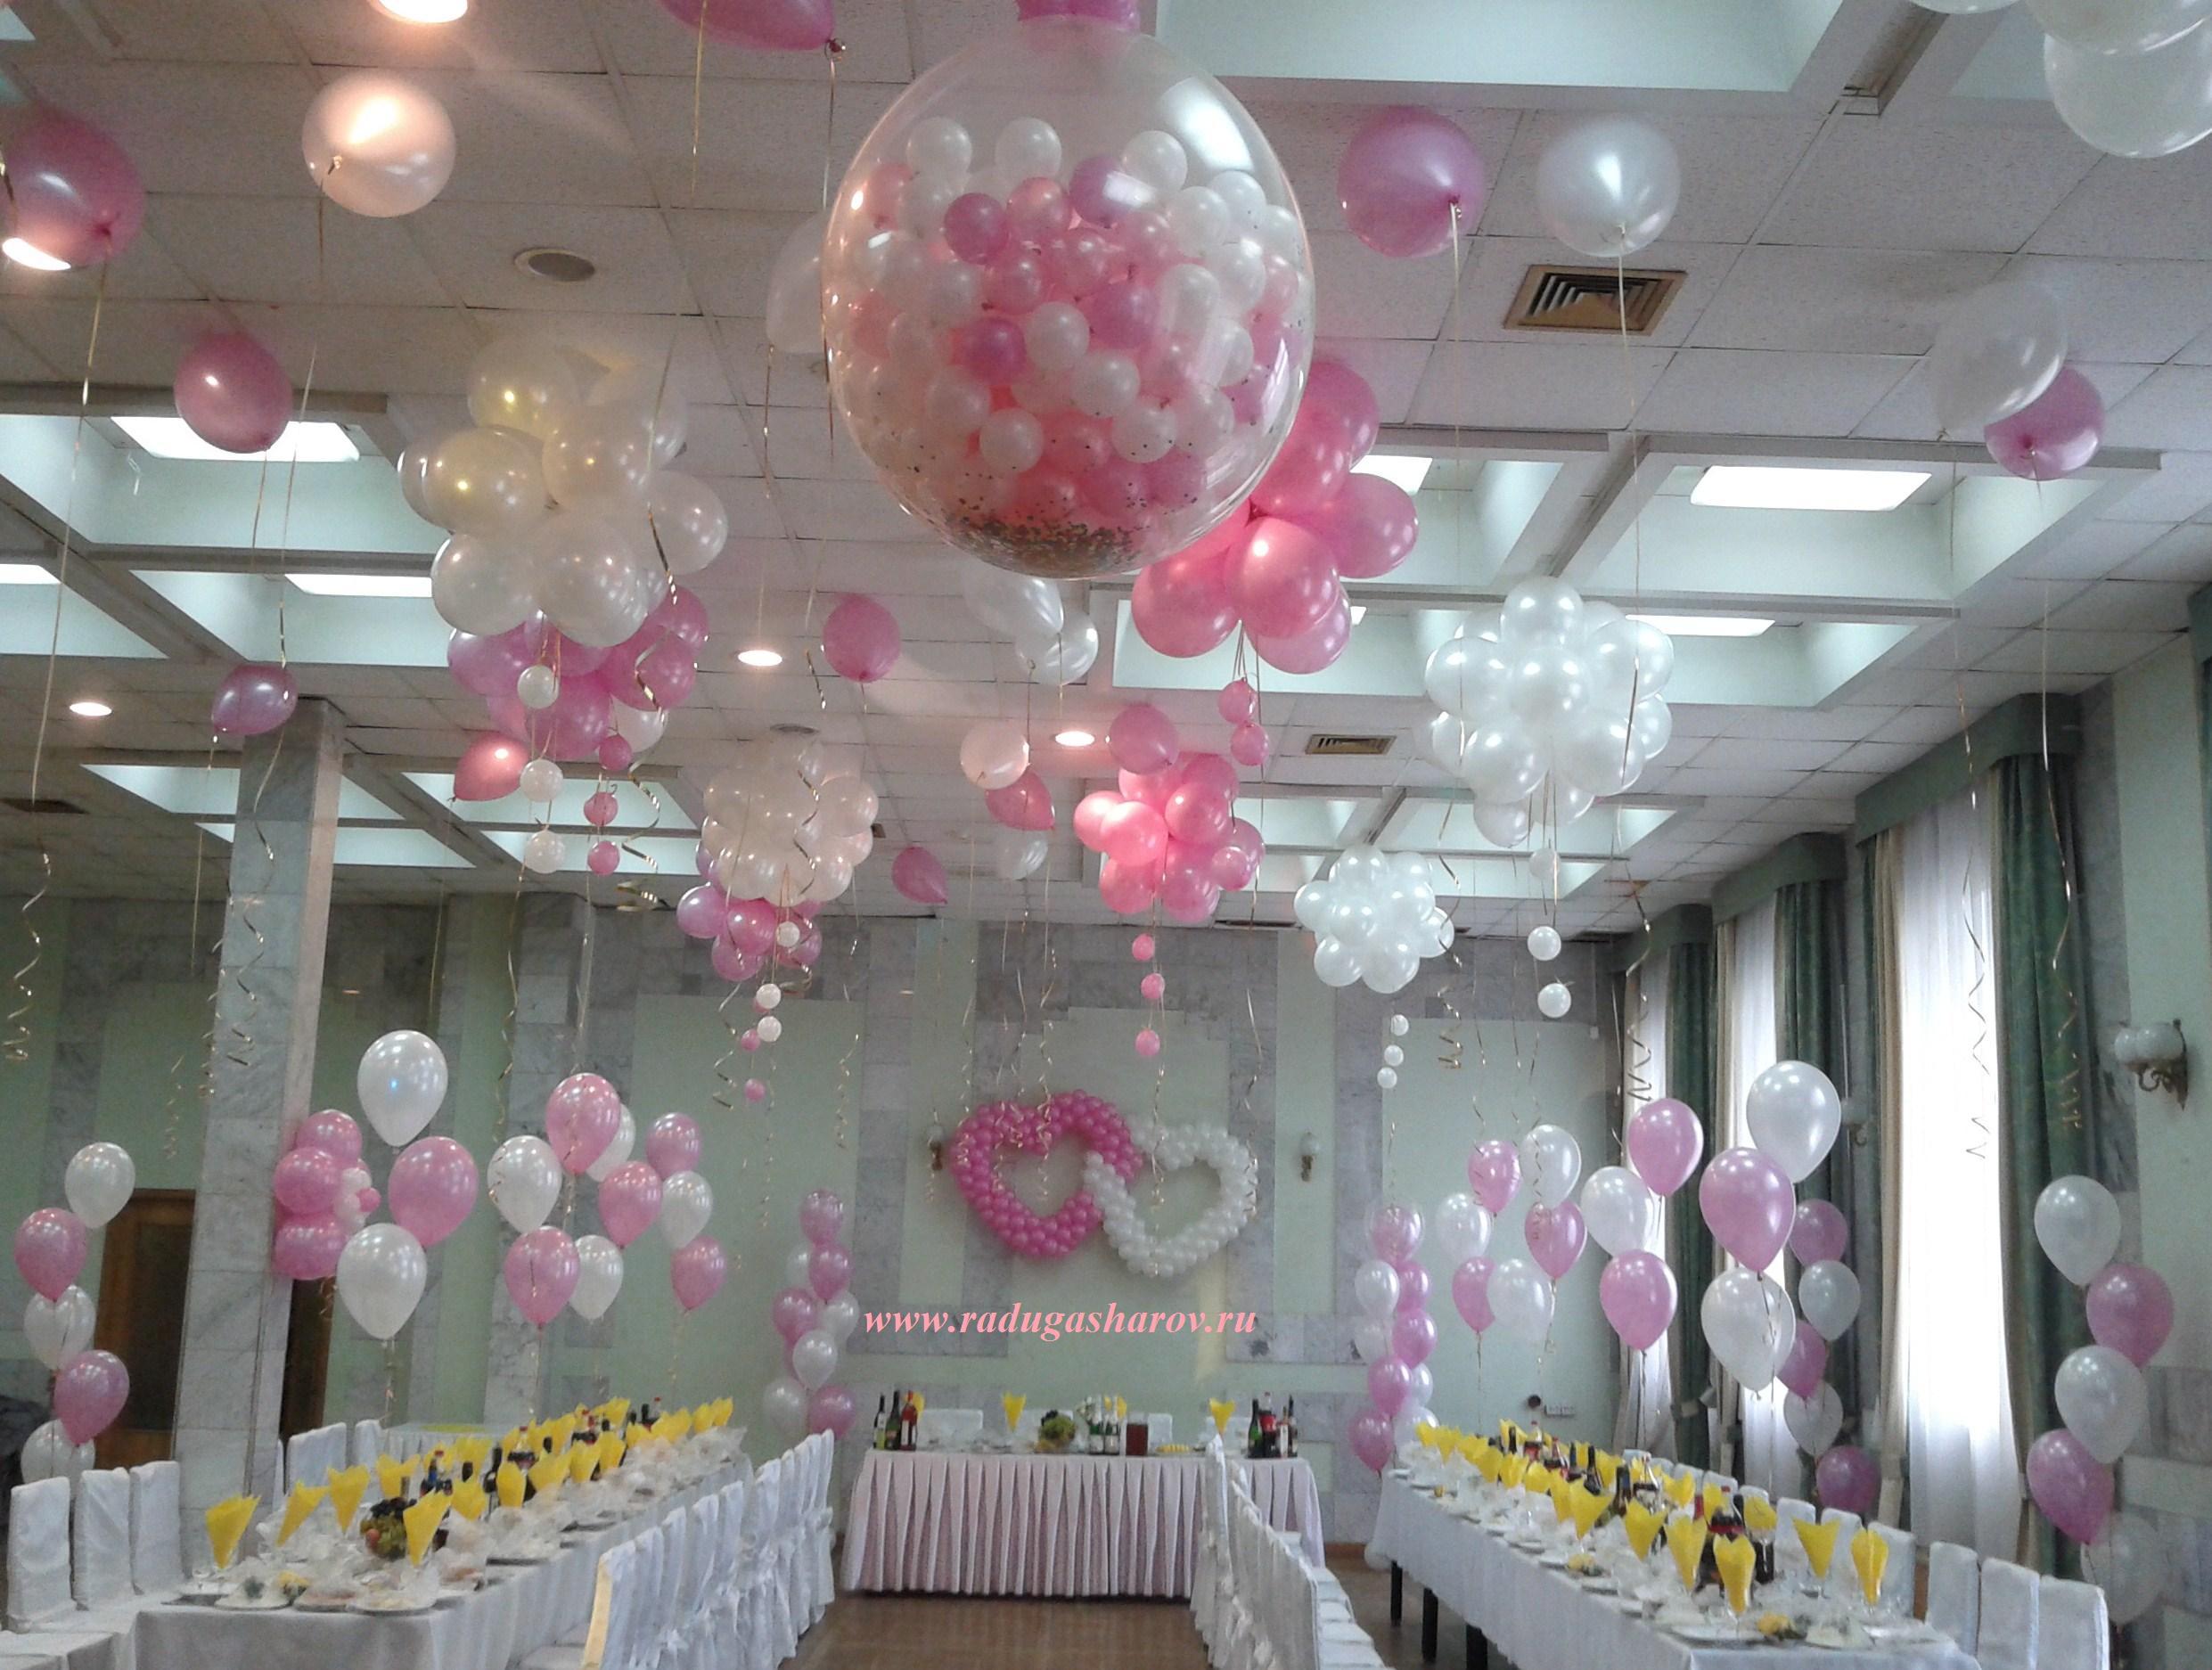 Шары на свадьбе: 40 идей с фото Снова Праздник! 40